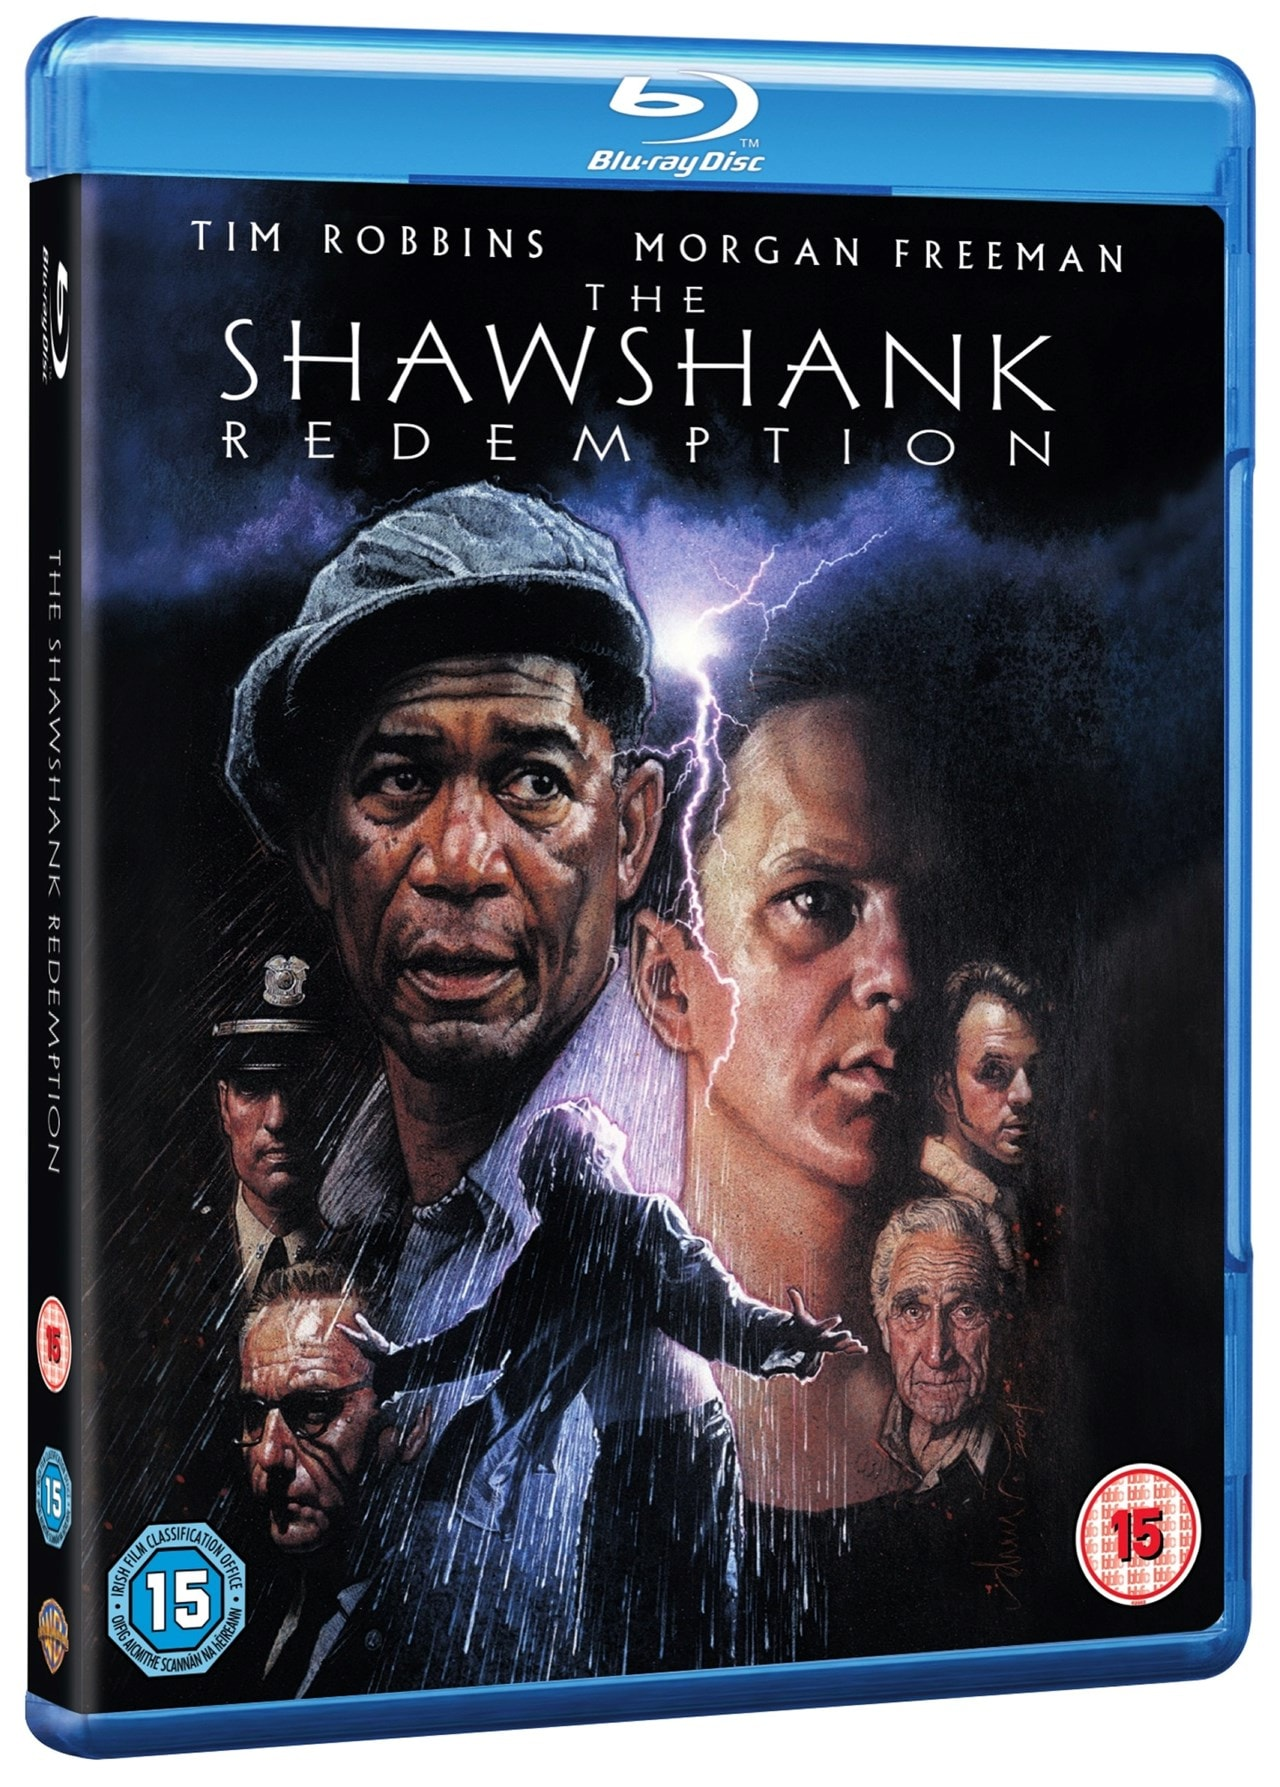 The Shawshank Redemption - 2